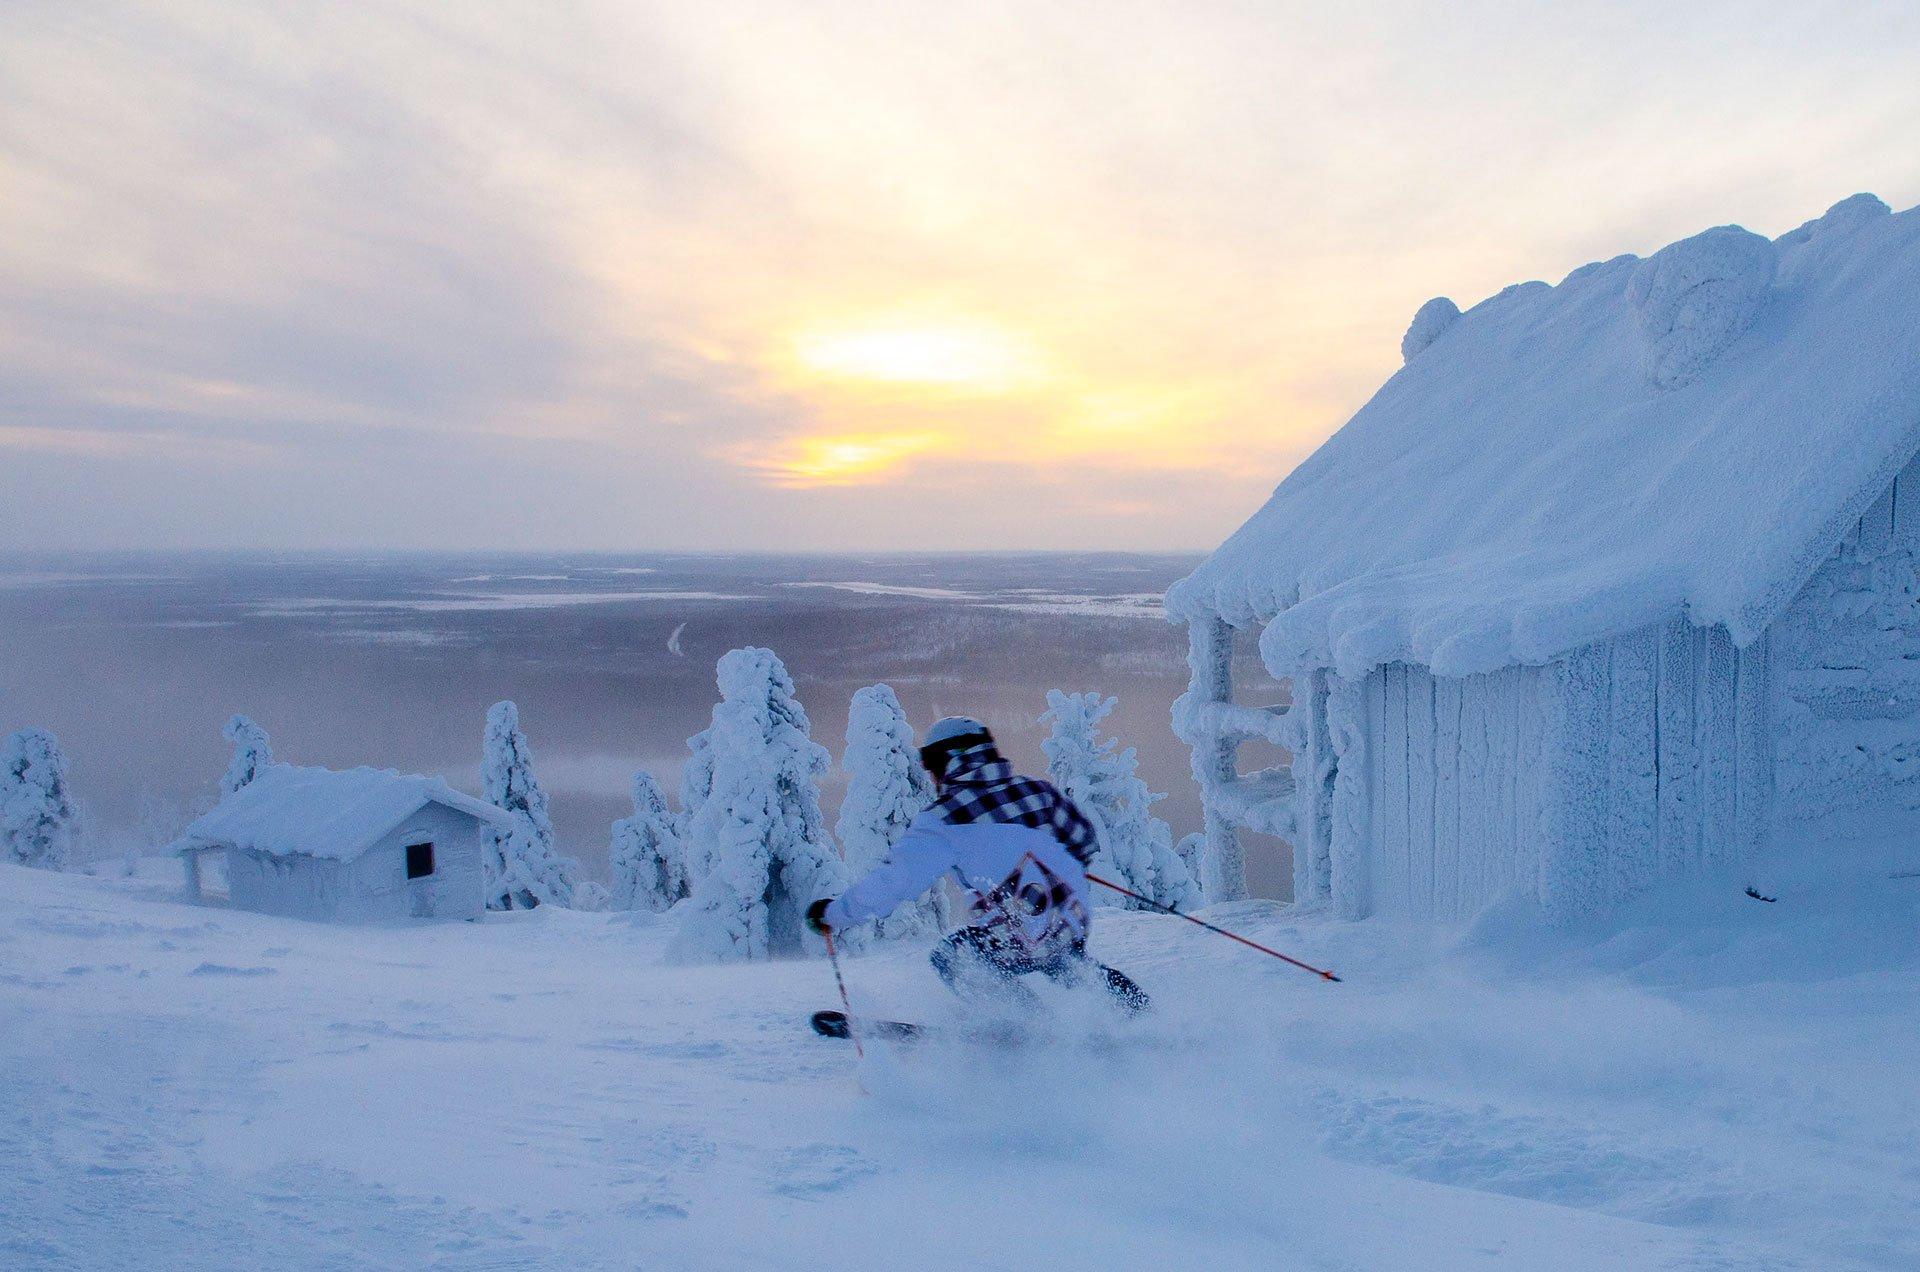 Levi_Lapland_ski_8190